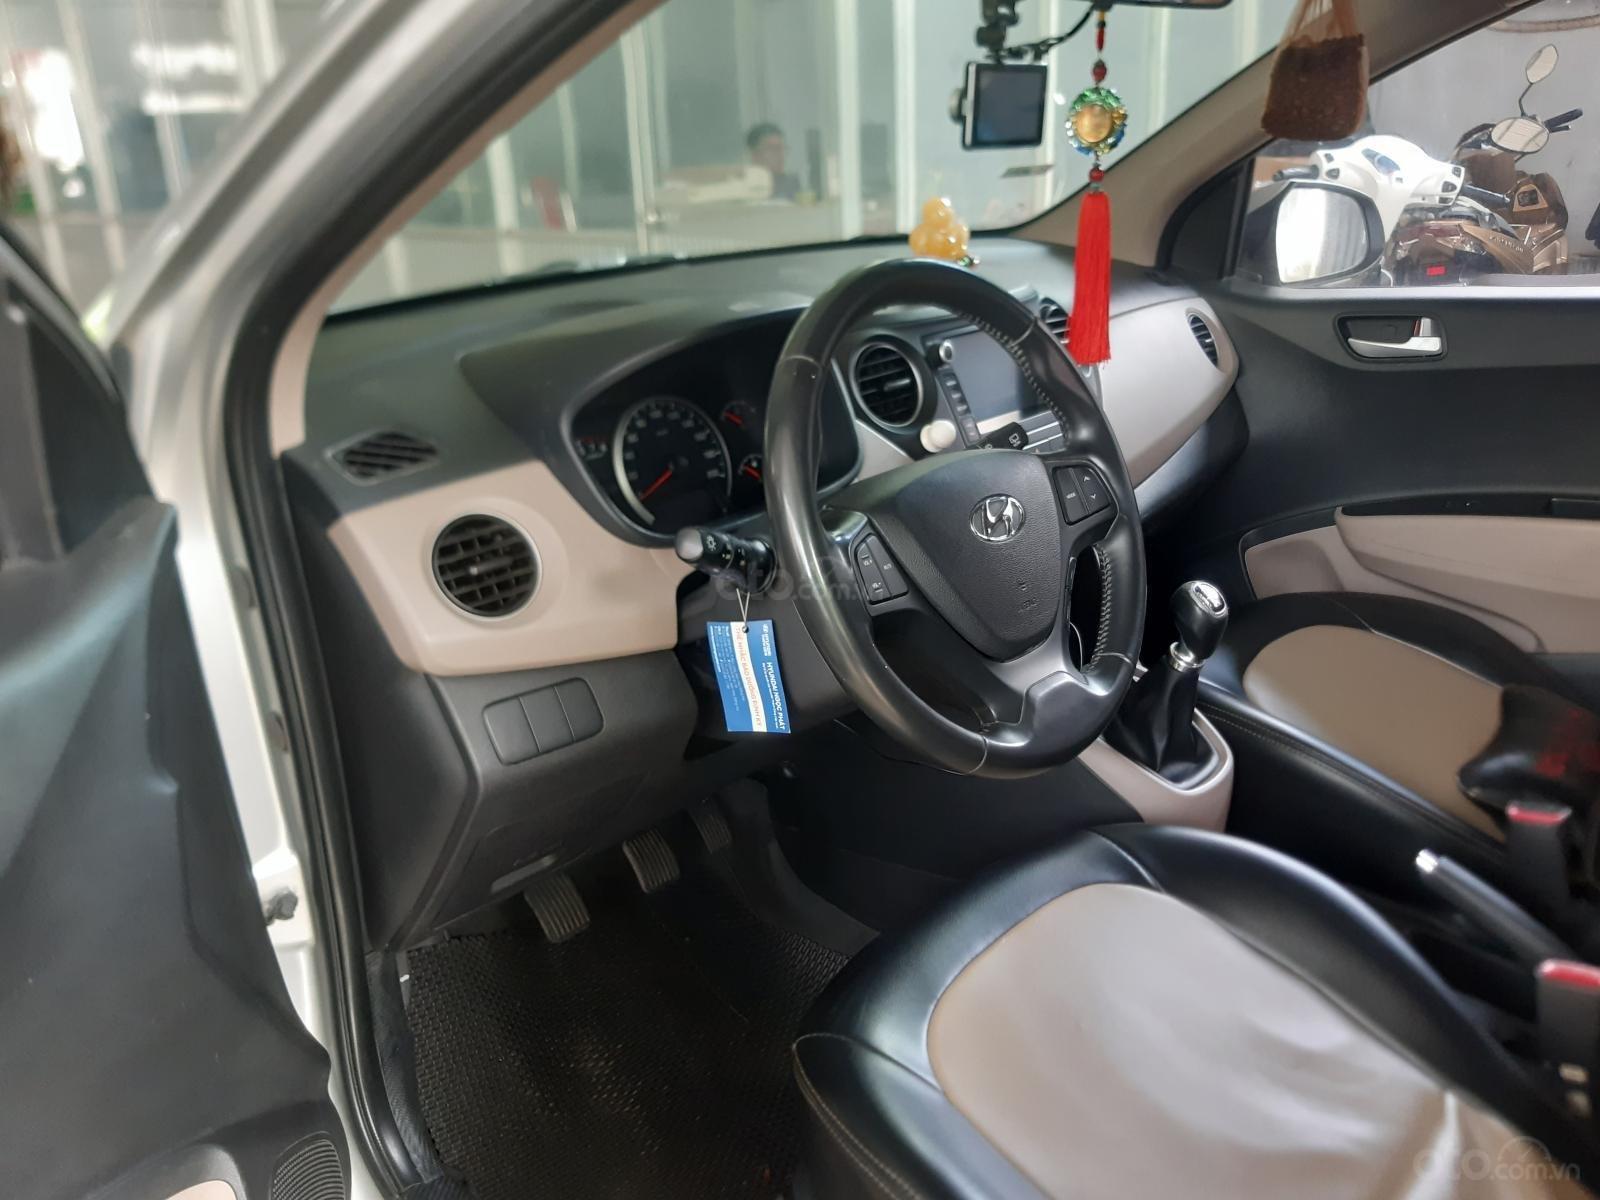 Bán Hyundai Grand i10 9/2017, một chủ mua mới từ đầu (6)